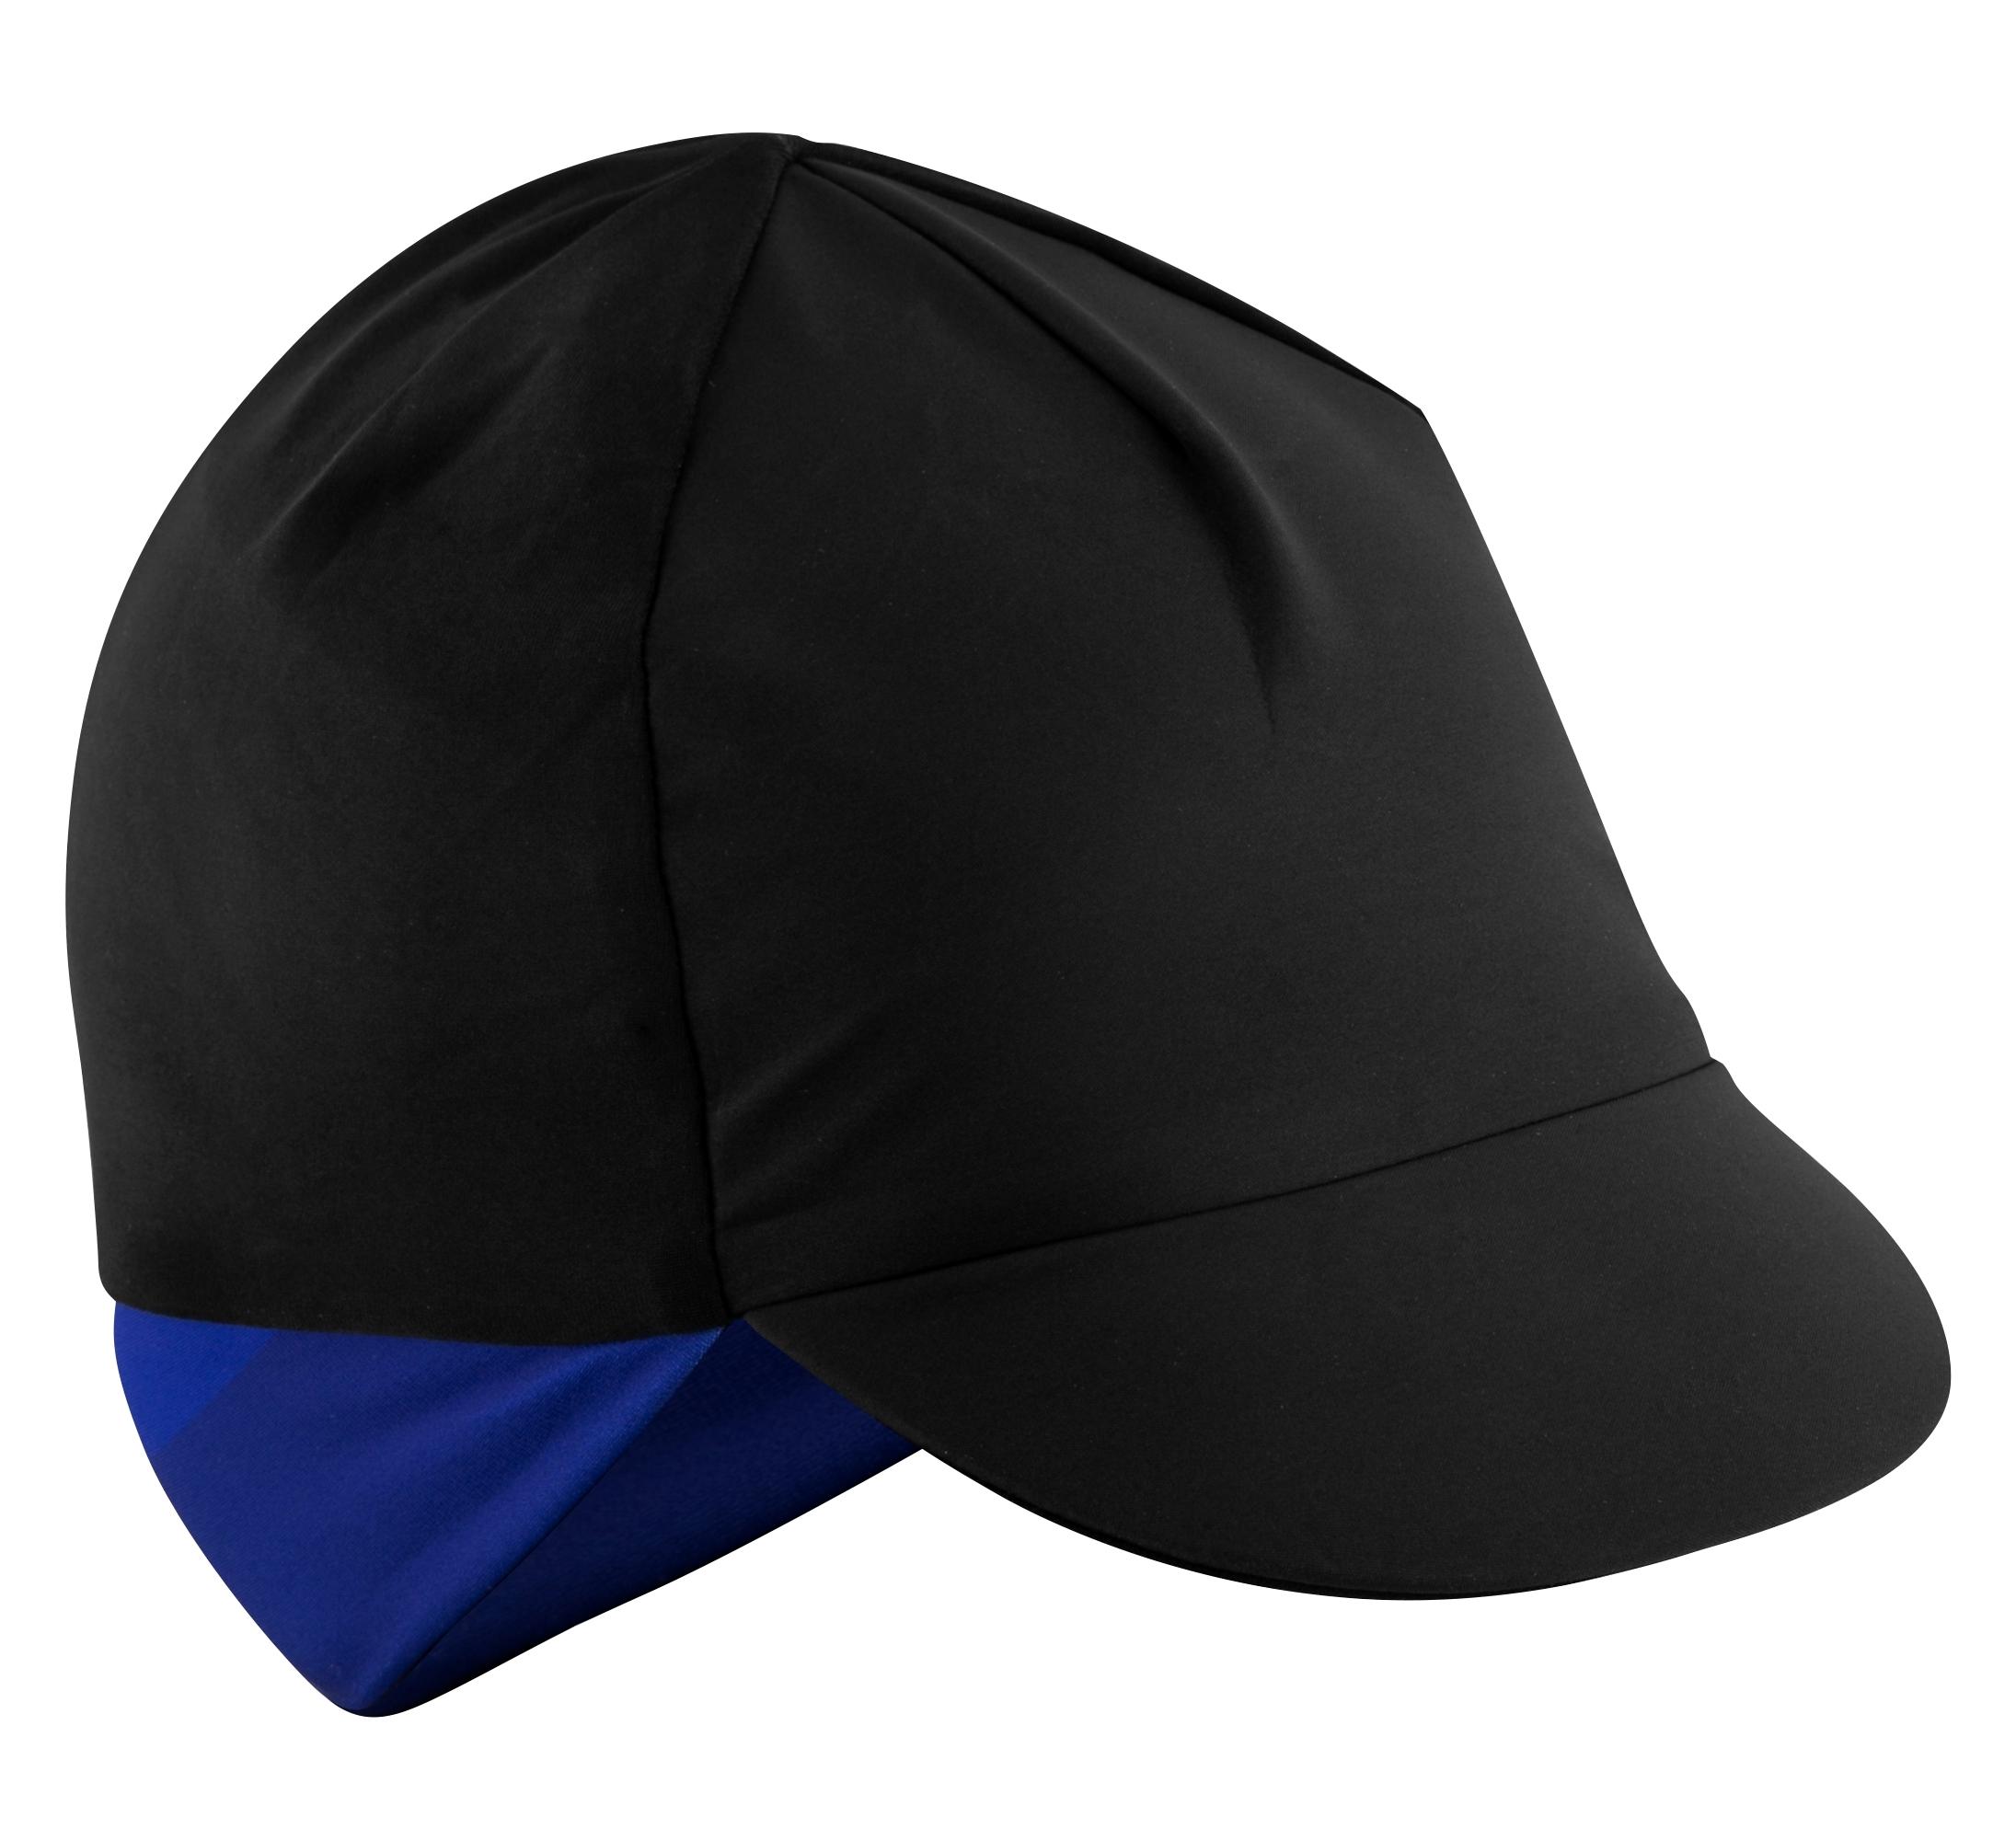 čepička s kšiltem FORCE BRISK zimní,črn-modrá L-XL